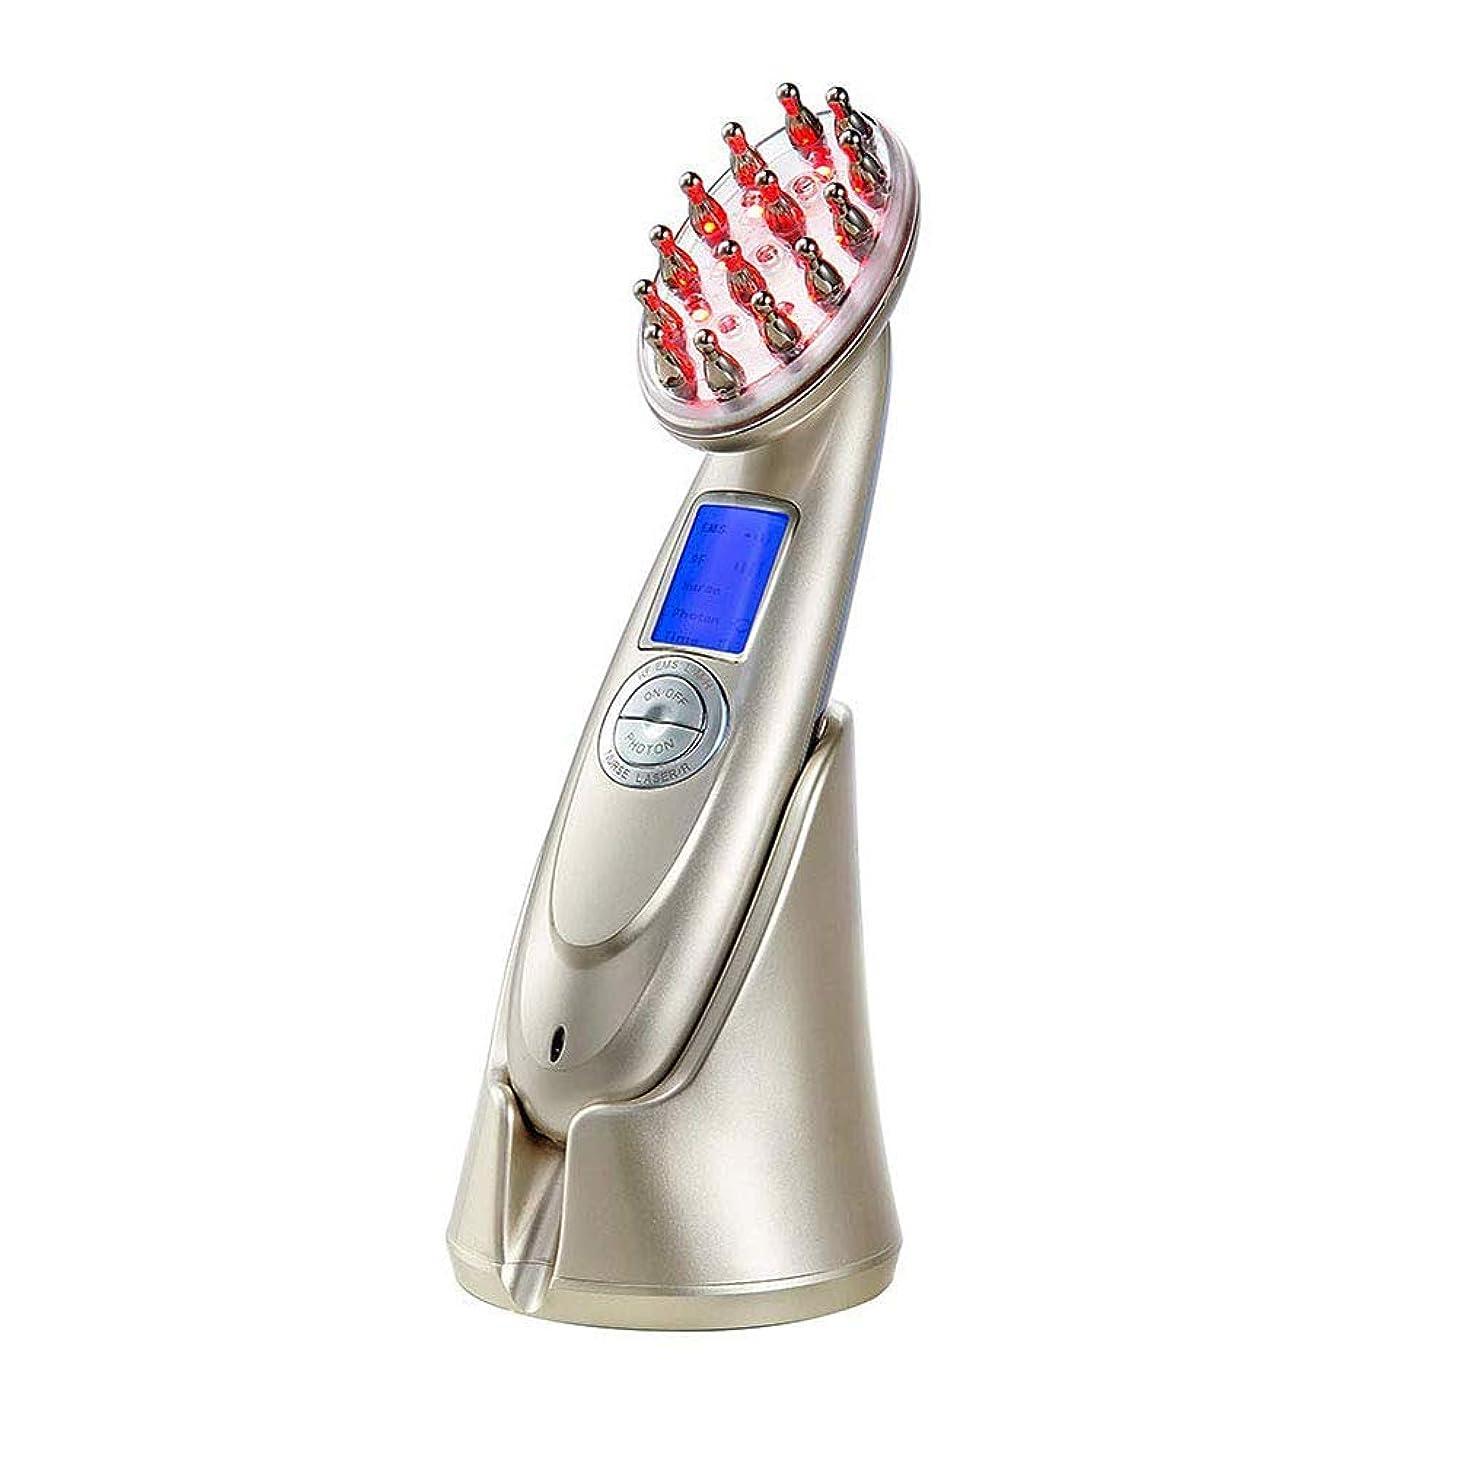 戦艦促すマット髪の成長櫛電気抗毛損失治療マッサージヘア再生ブラシ無線周波数職業 EMS Led フォトンライトセラピー櫛